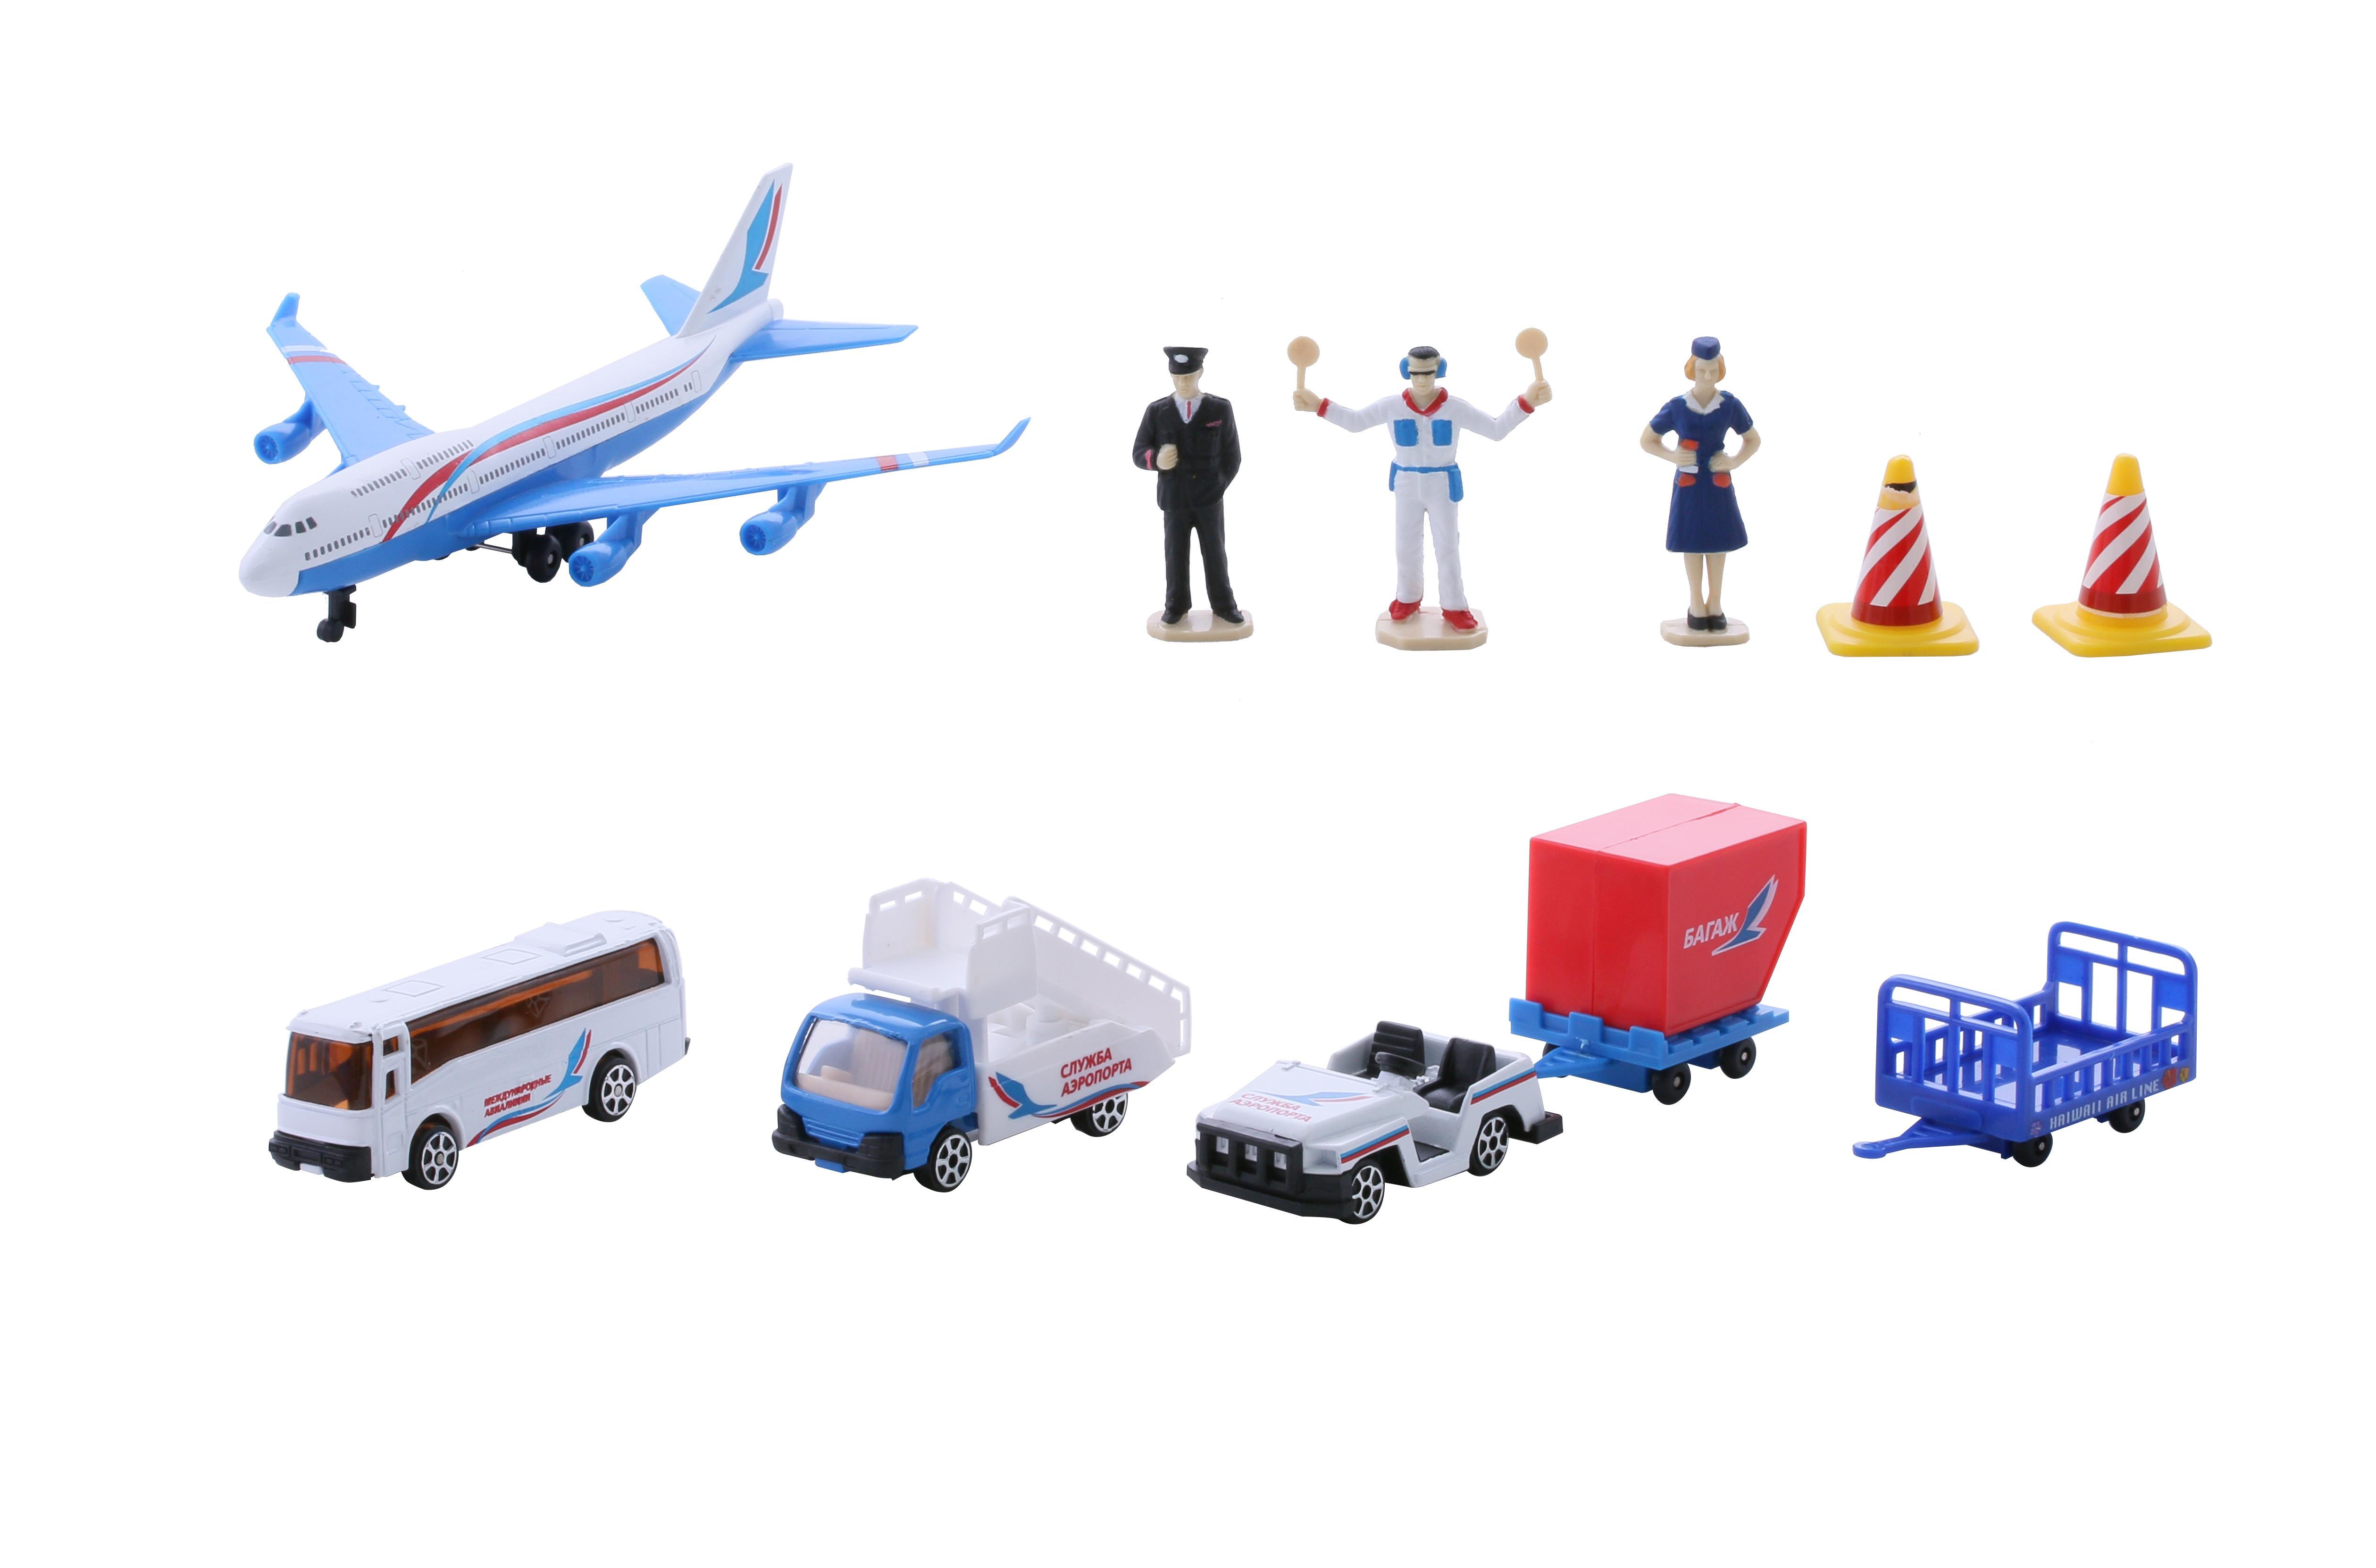 Самолеты и вертолеты WinCars Аэропорт с аксессуарами 1:100 игровой набор dave toy аэропорт с 1 машинкой